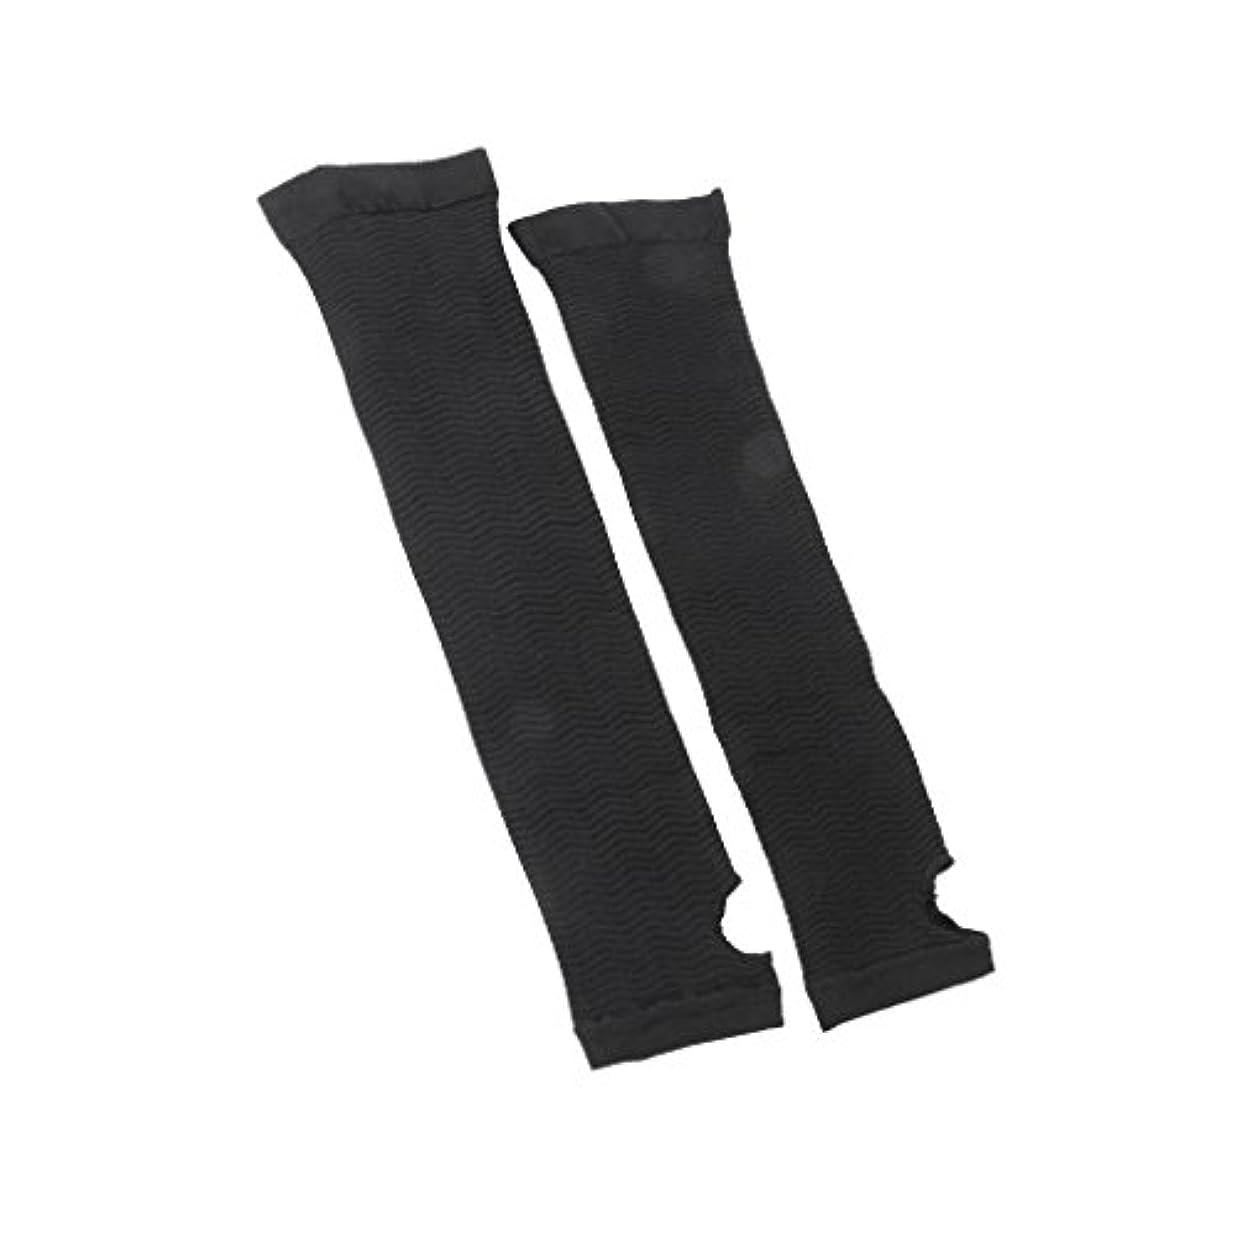 付与繊毛く【ノーブランド品】インナーアーム アームバーニングトレンカ 二の腕ダイエット 2枚組 黒